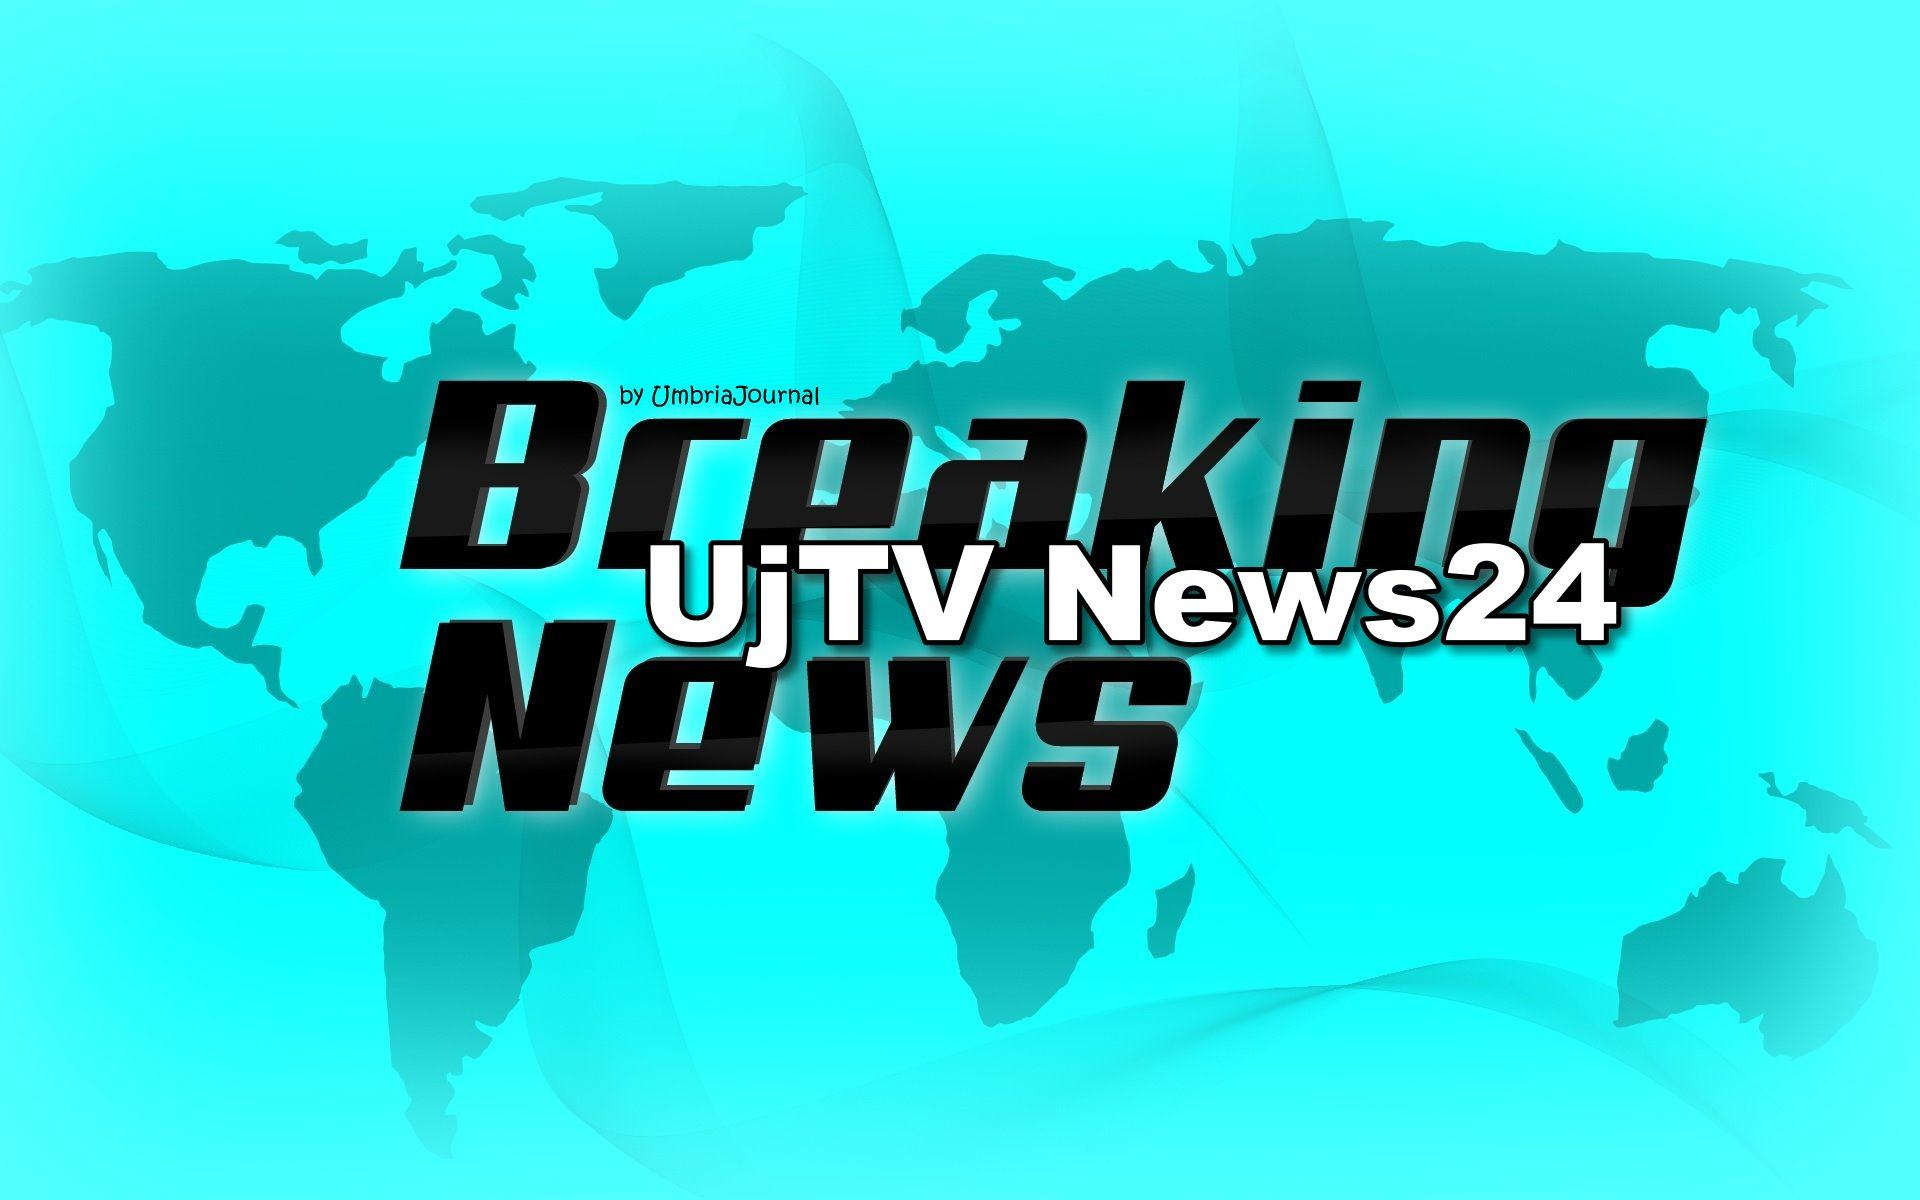 TG edizione della sera 23 luglio 2019 telegiornale dell'Umbria UjTV News24 LIVE